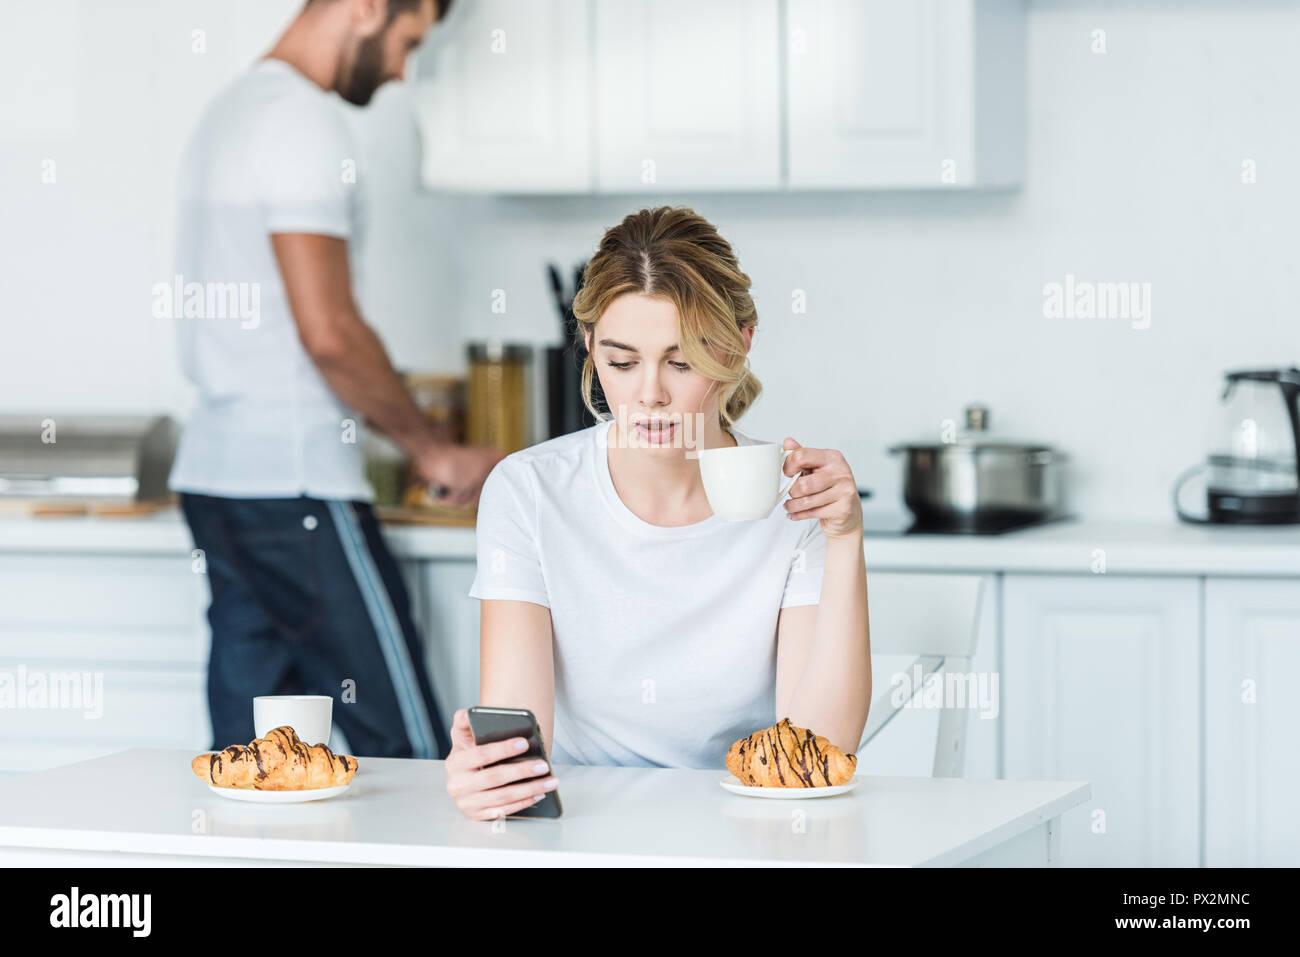 Junge Frau trinkt Kaffee und Sie Ihr Smartphone während Freund Frühstück hinter Kochen Stockbild